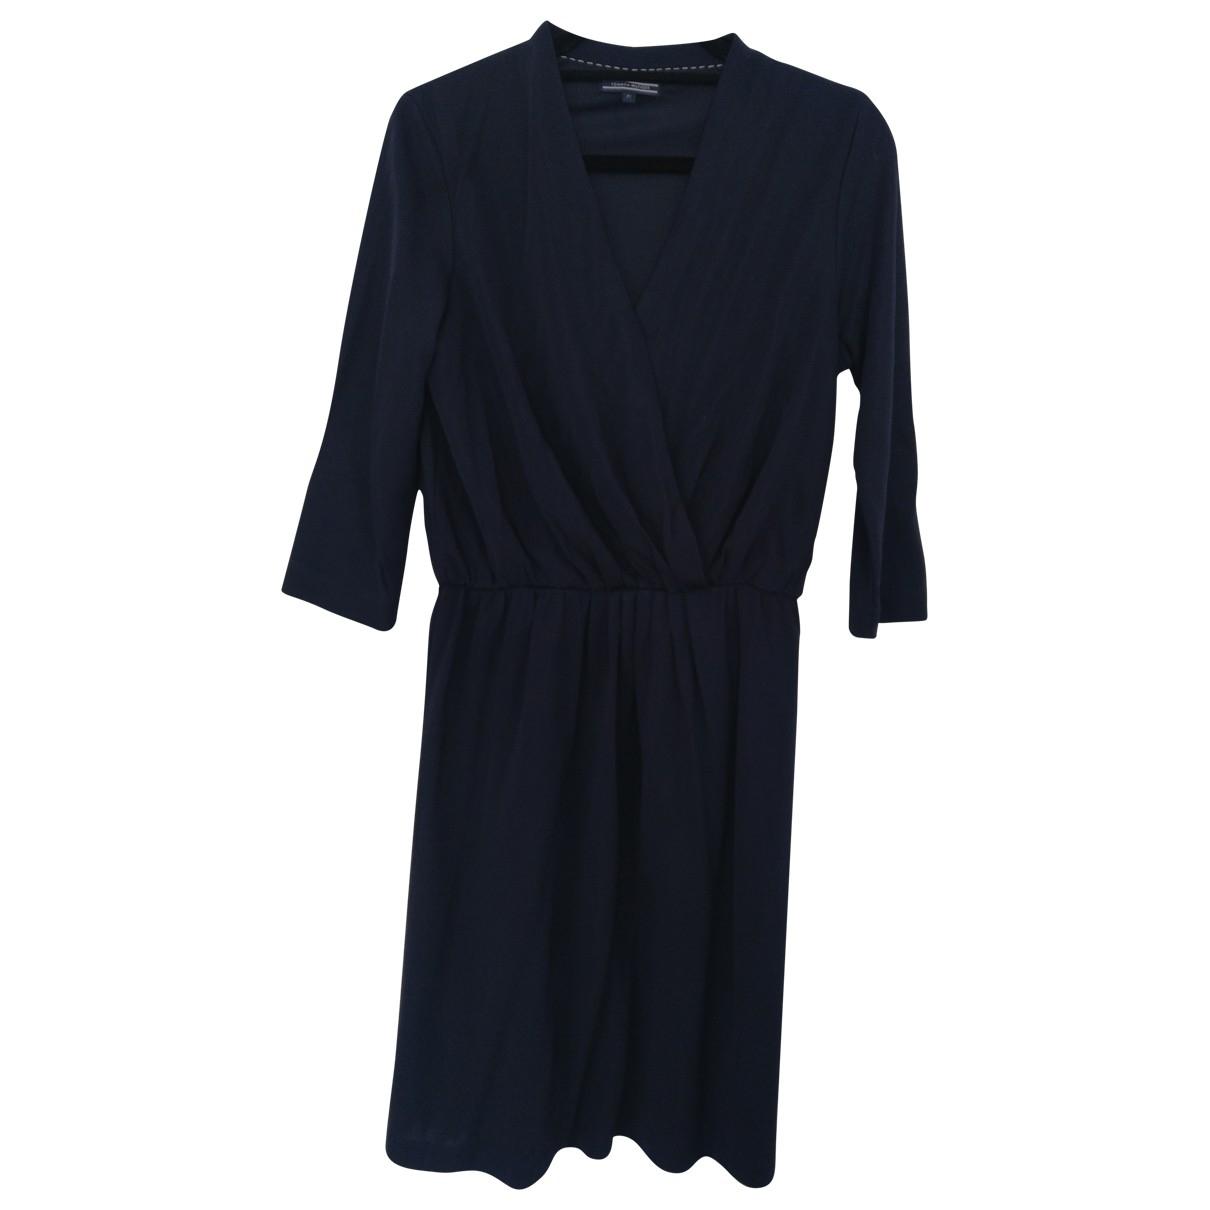 Tommy Hilfiger \N Blue dress for Women 38 FR